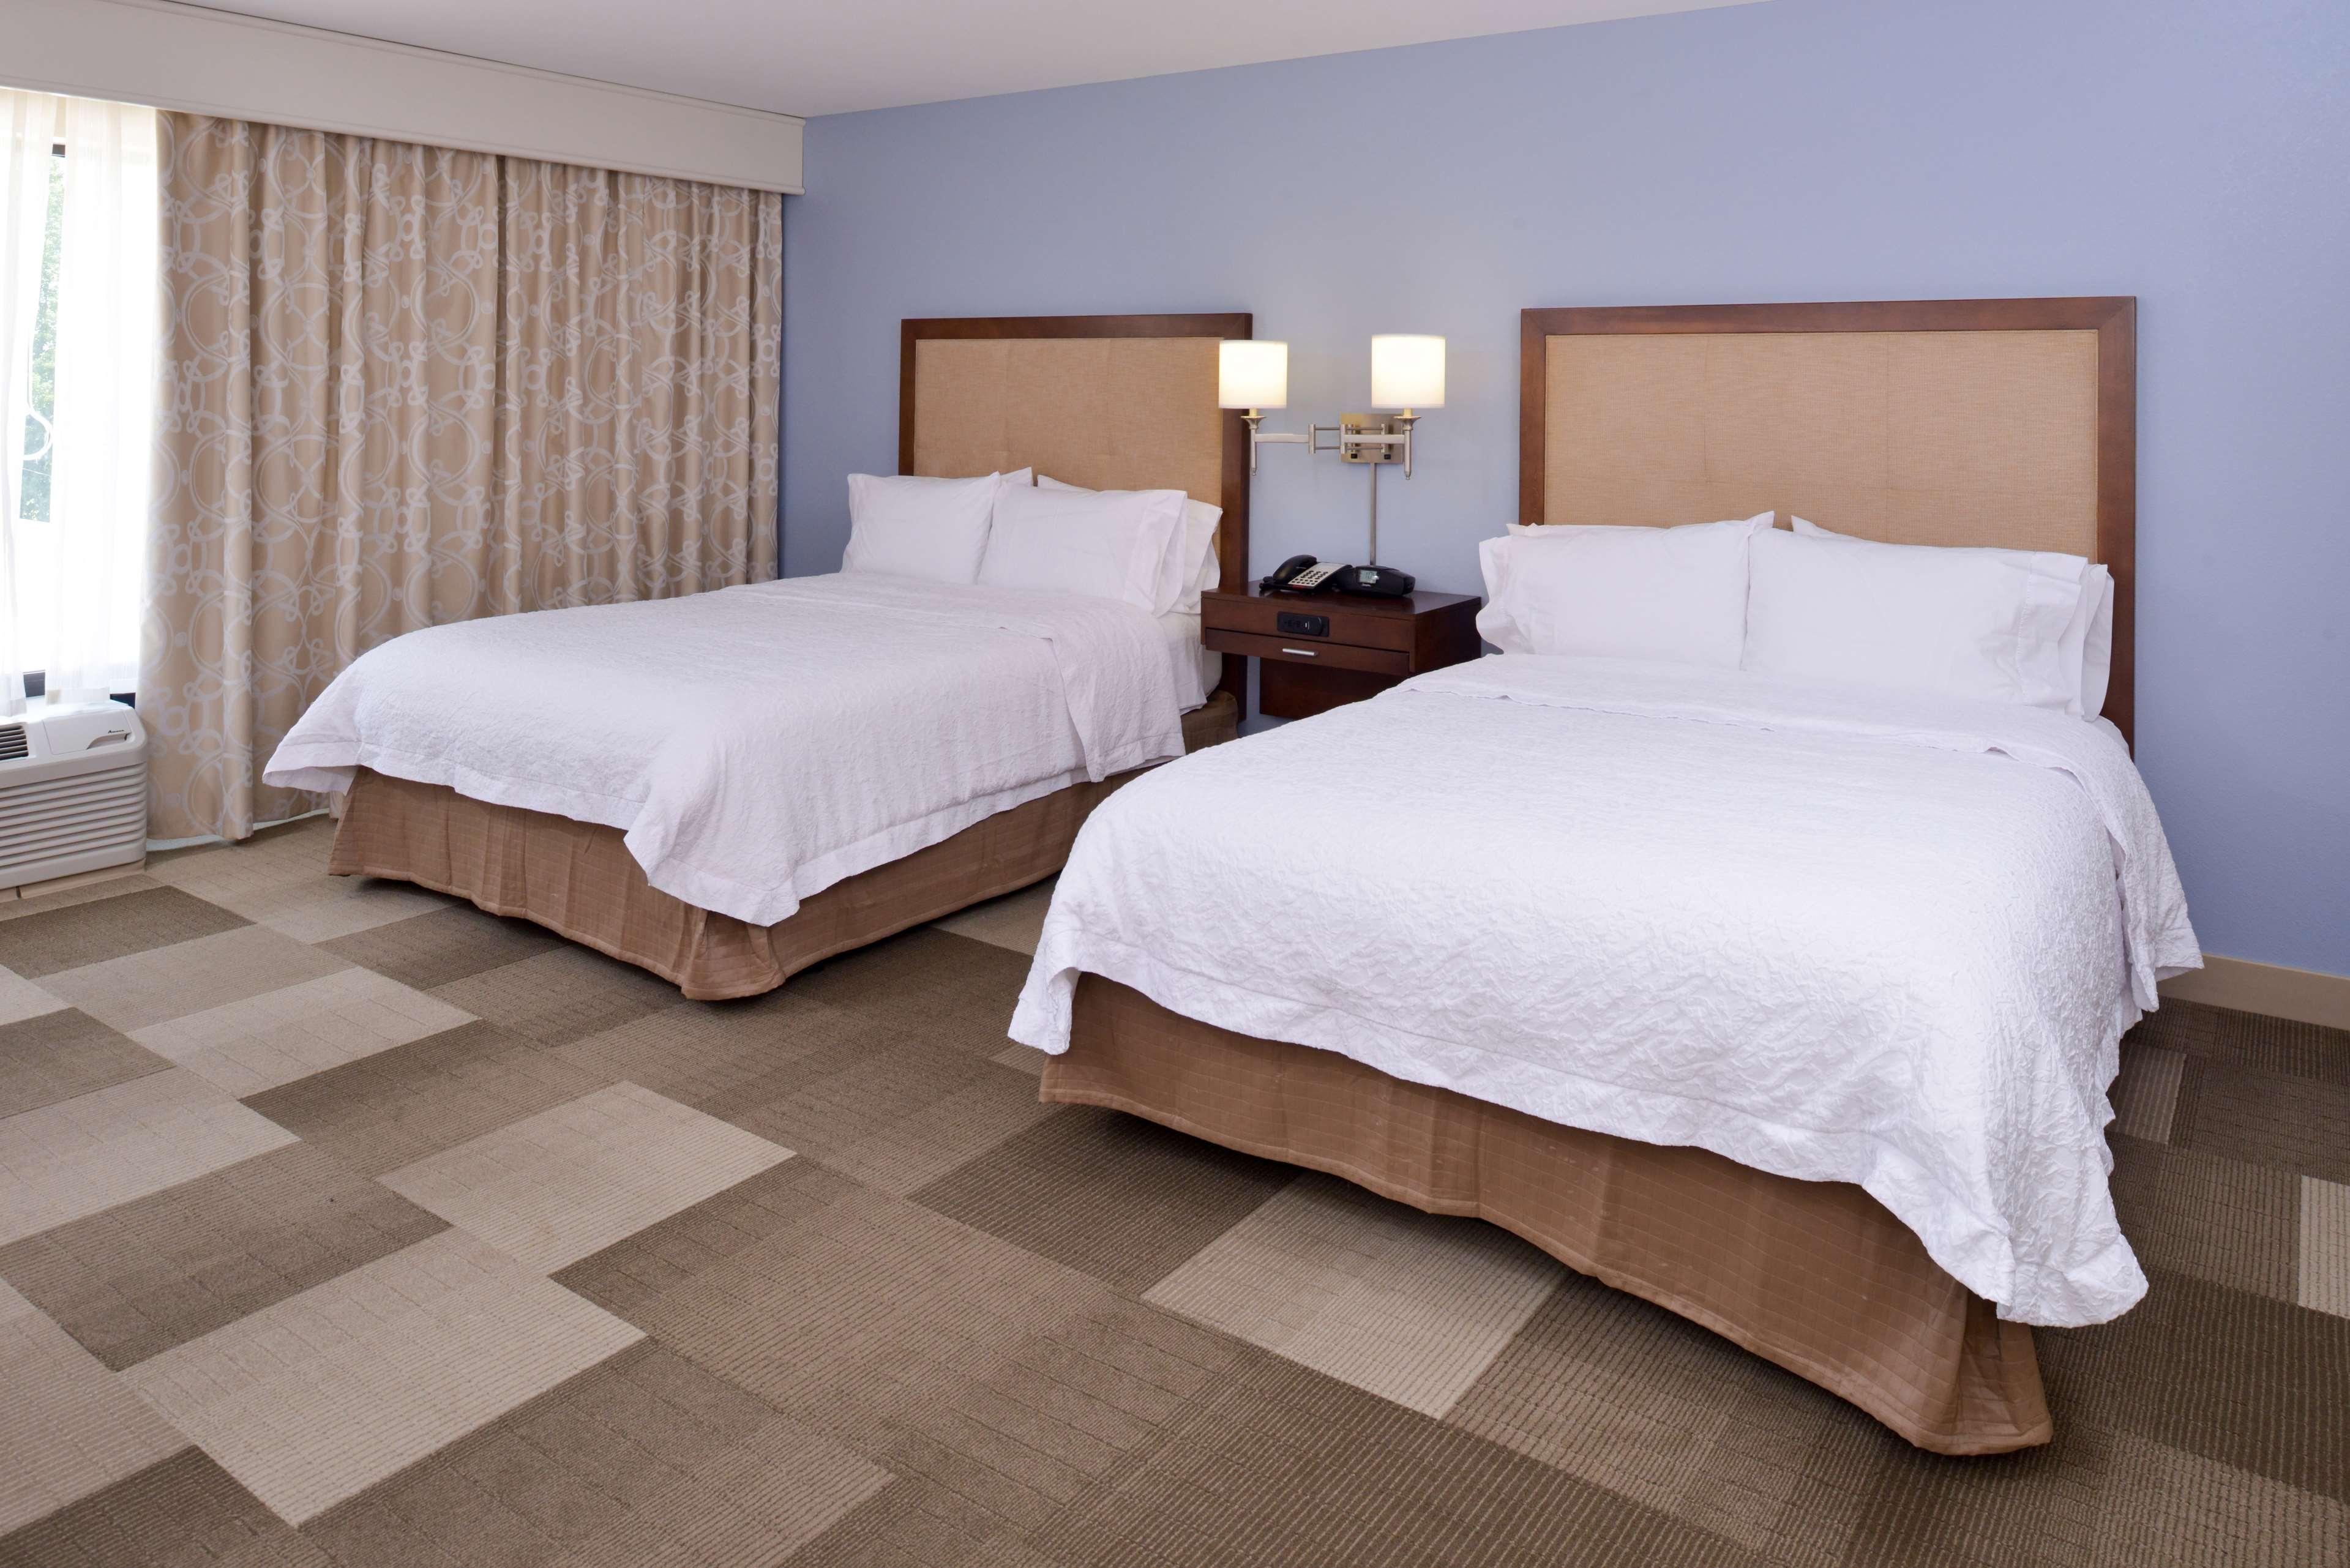 Hampton Inn & Suites Lonoke image 39